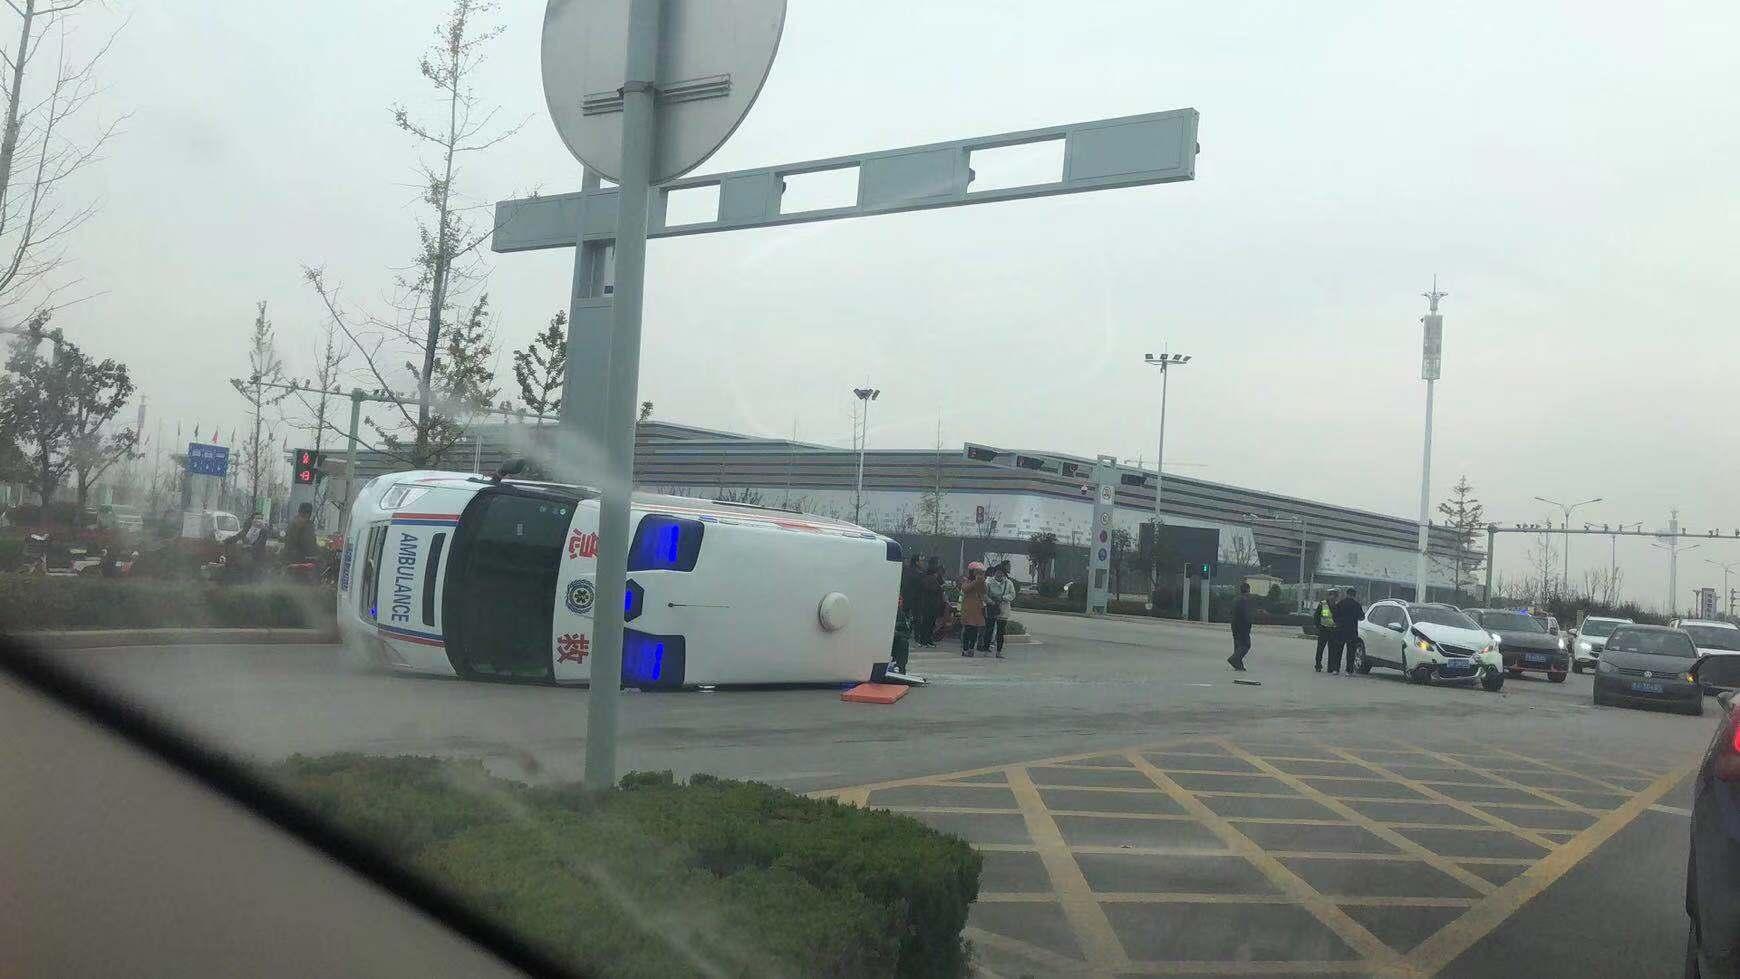 山东菏泽一救护车发生事故后侧翻,3人受伤送医